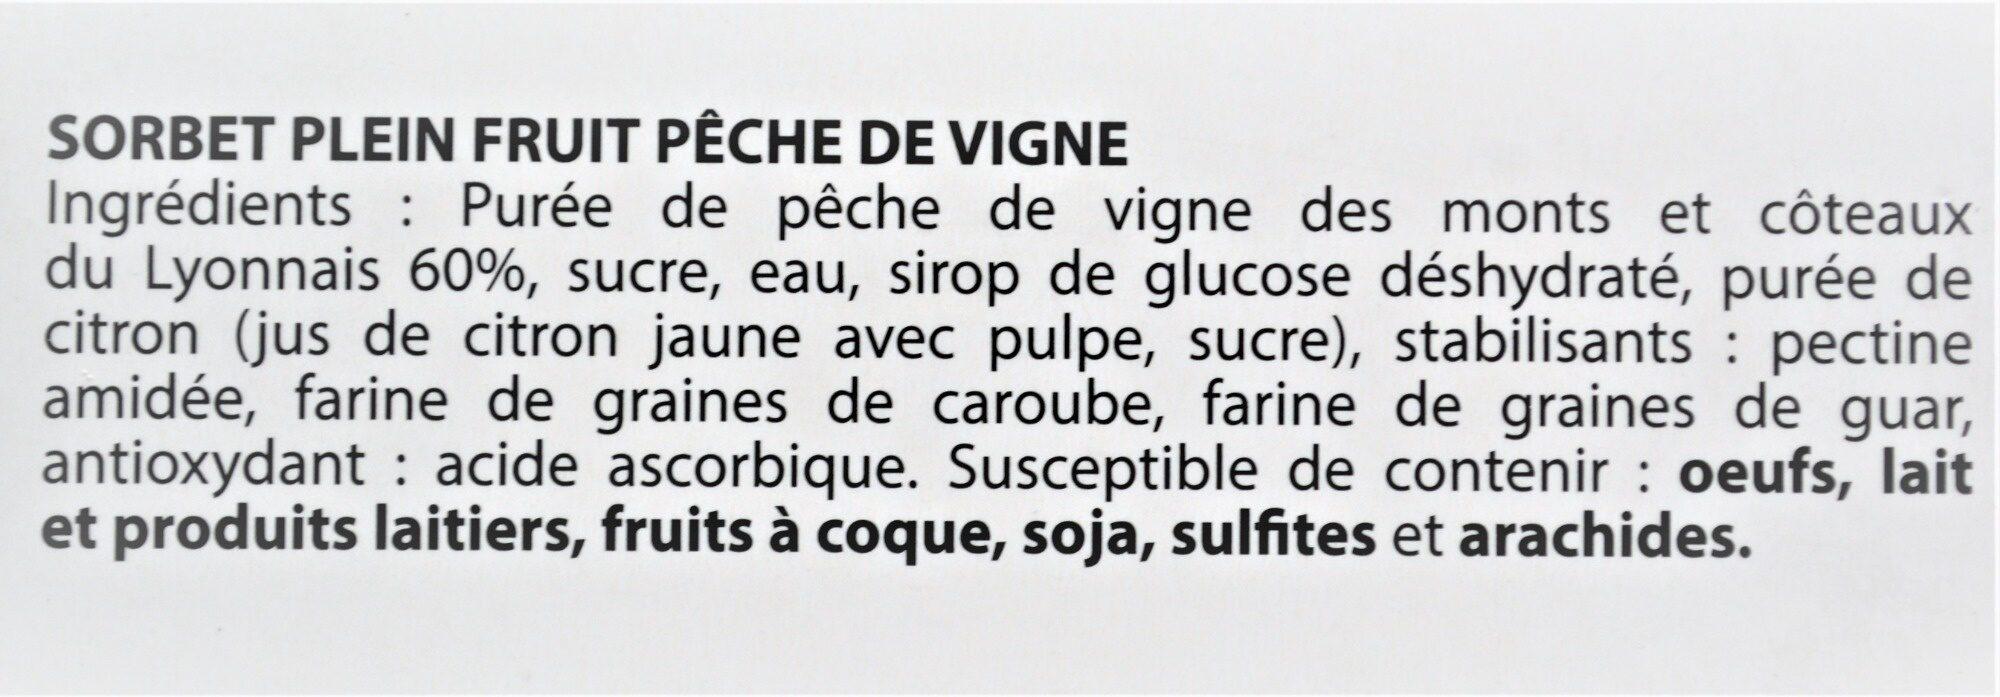 Sorbet plein fruit PÊCHE DE VIGNE des Monts & Coteaux du Lyonnais, 60% de fruit - Ingredients